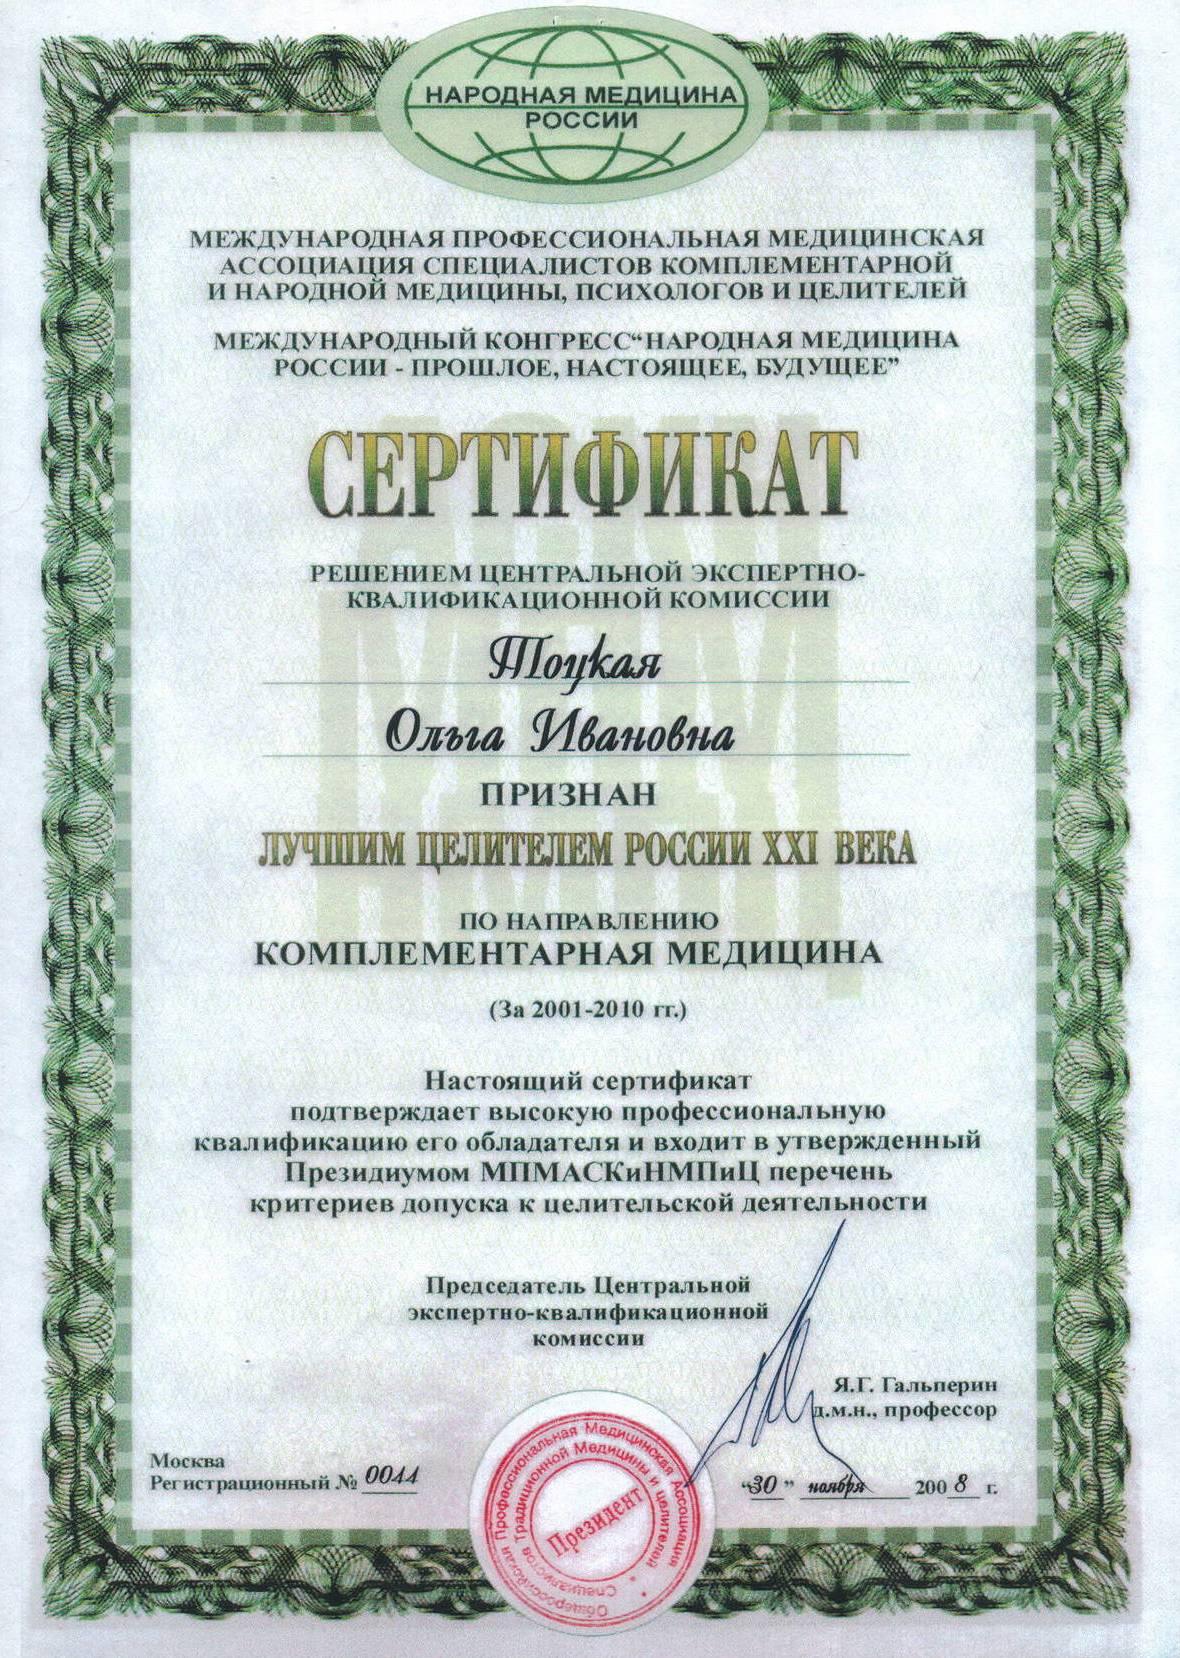 Сертификат о признании лучшим целителем России 21 века